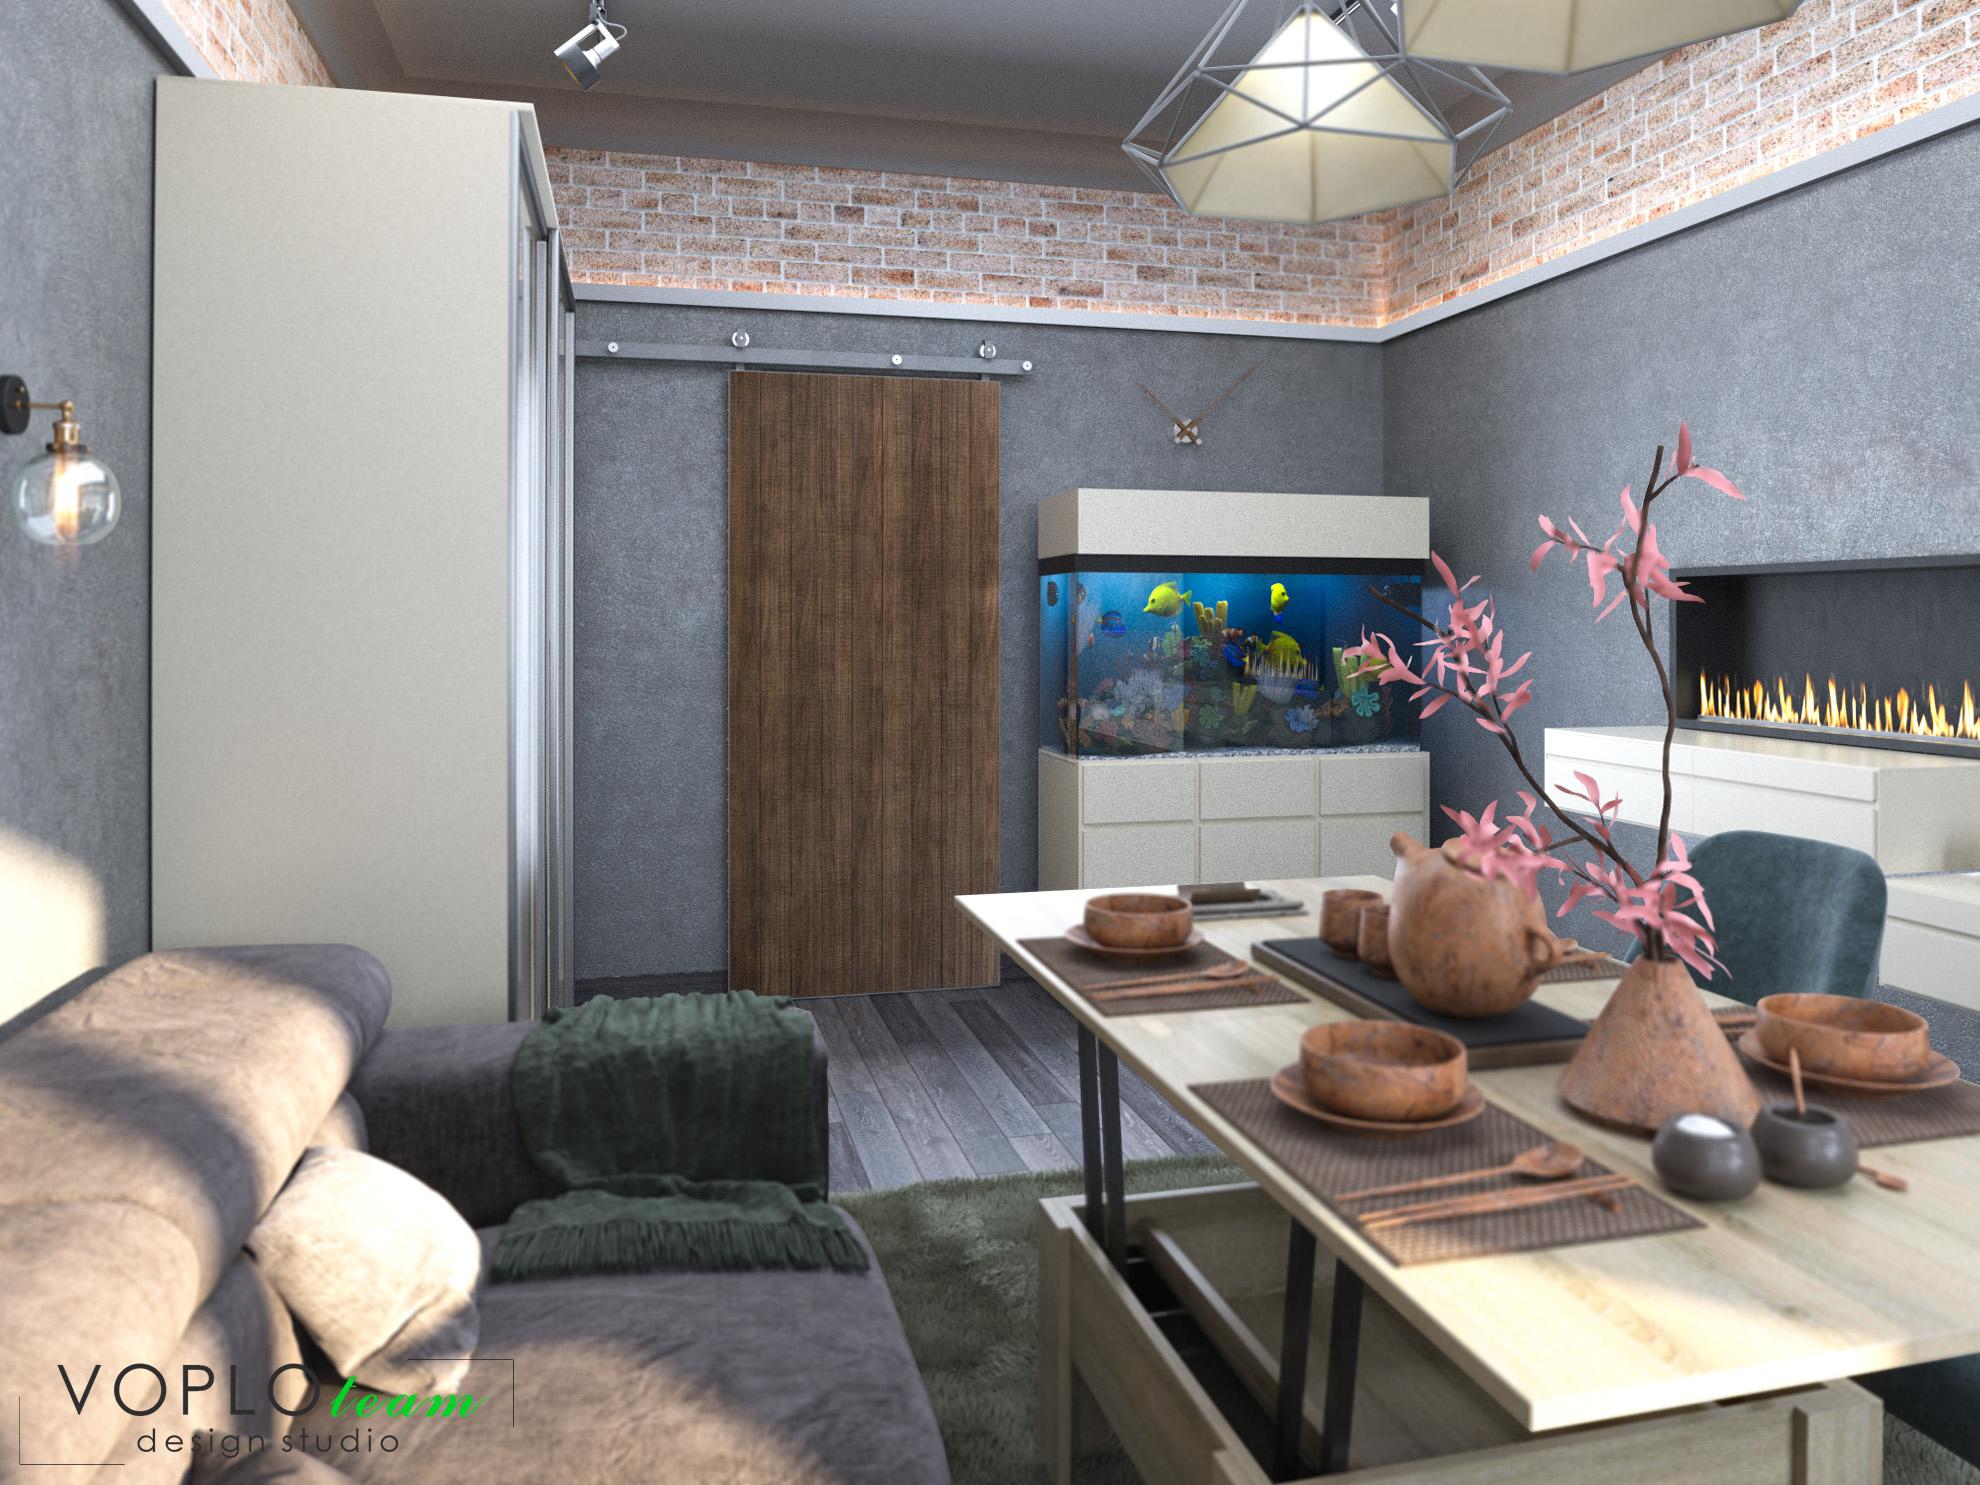 Фото Замовник вирішив зробити ремонт у старої квартирі на першому повірсі. Одно із умов-збереження акваріуму та вдале його розташування